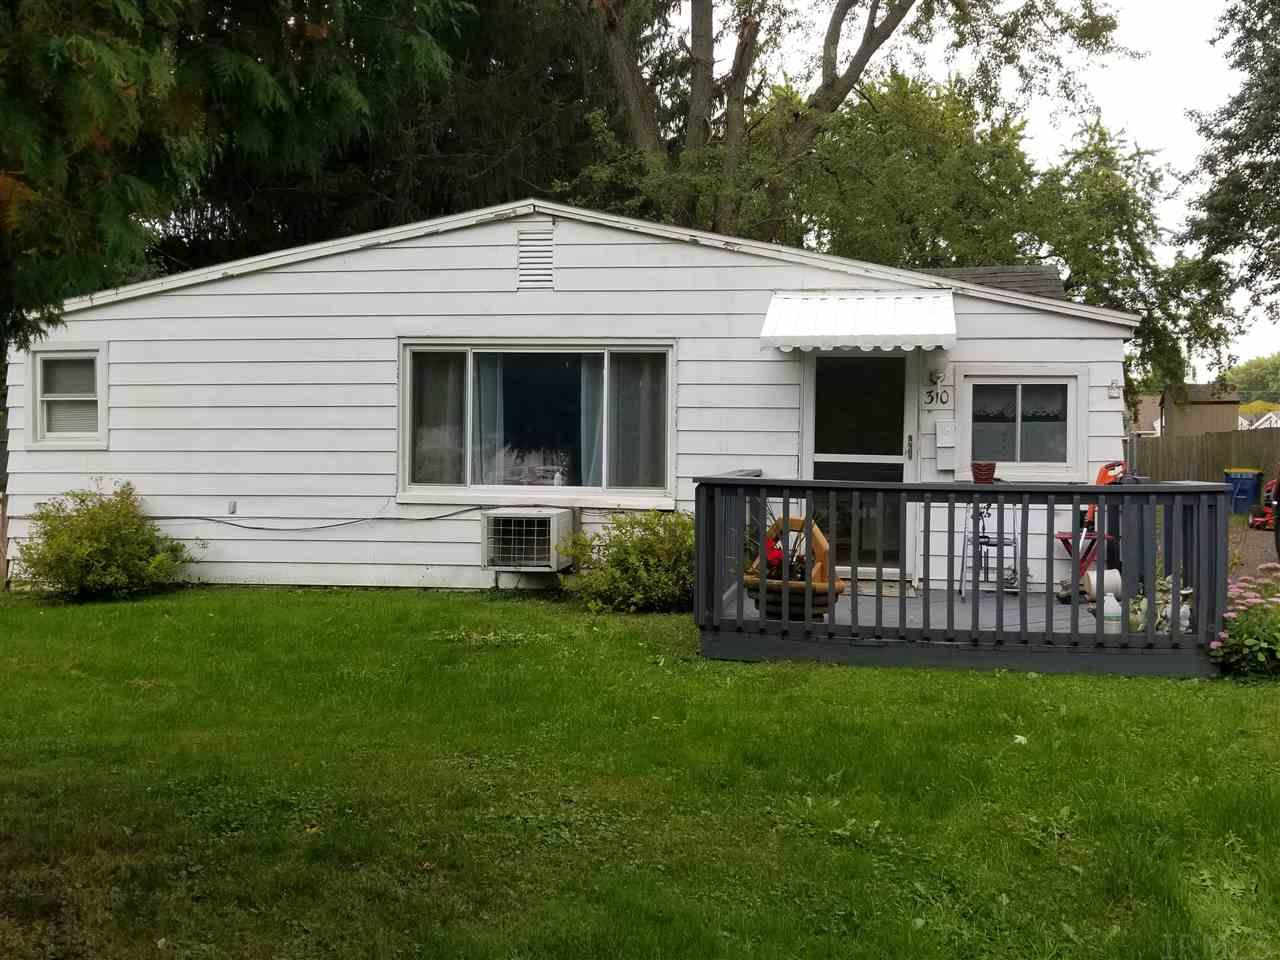 310 E Monroe Street Lakeville, IN 46536